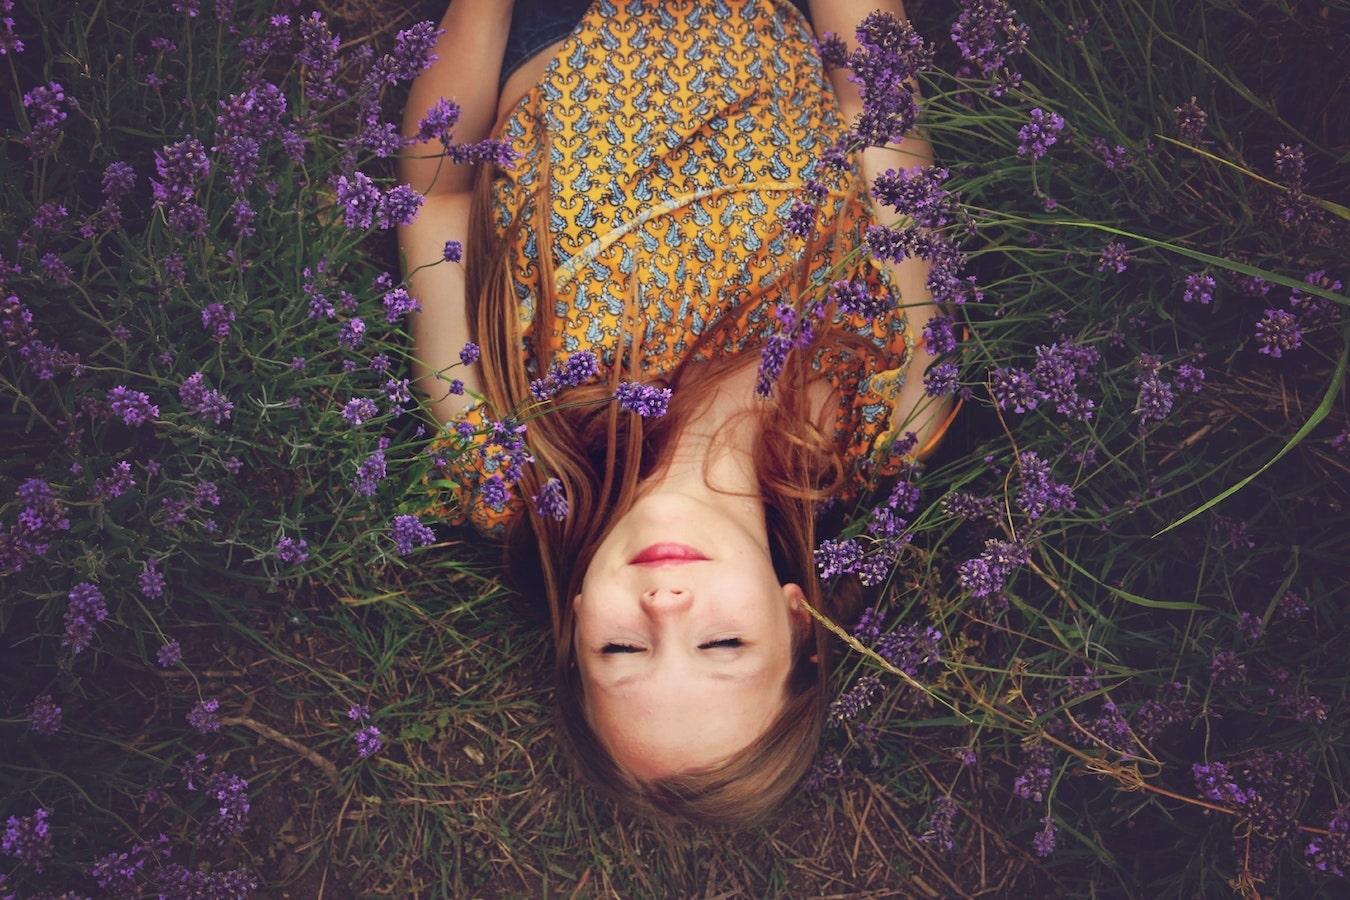 junge Frau liegt entspannt in einem Lavendelfeld